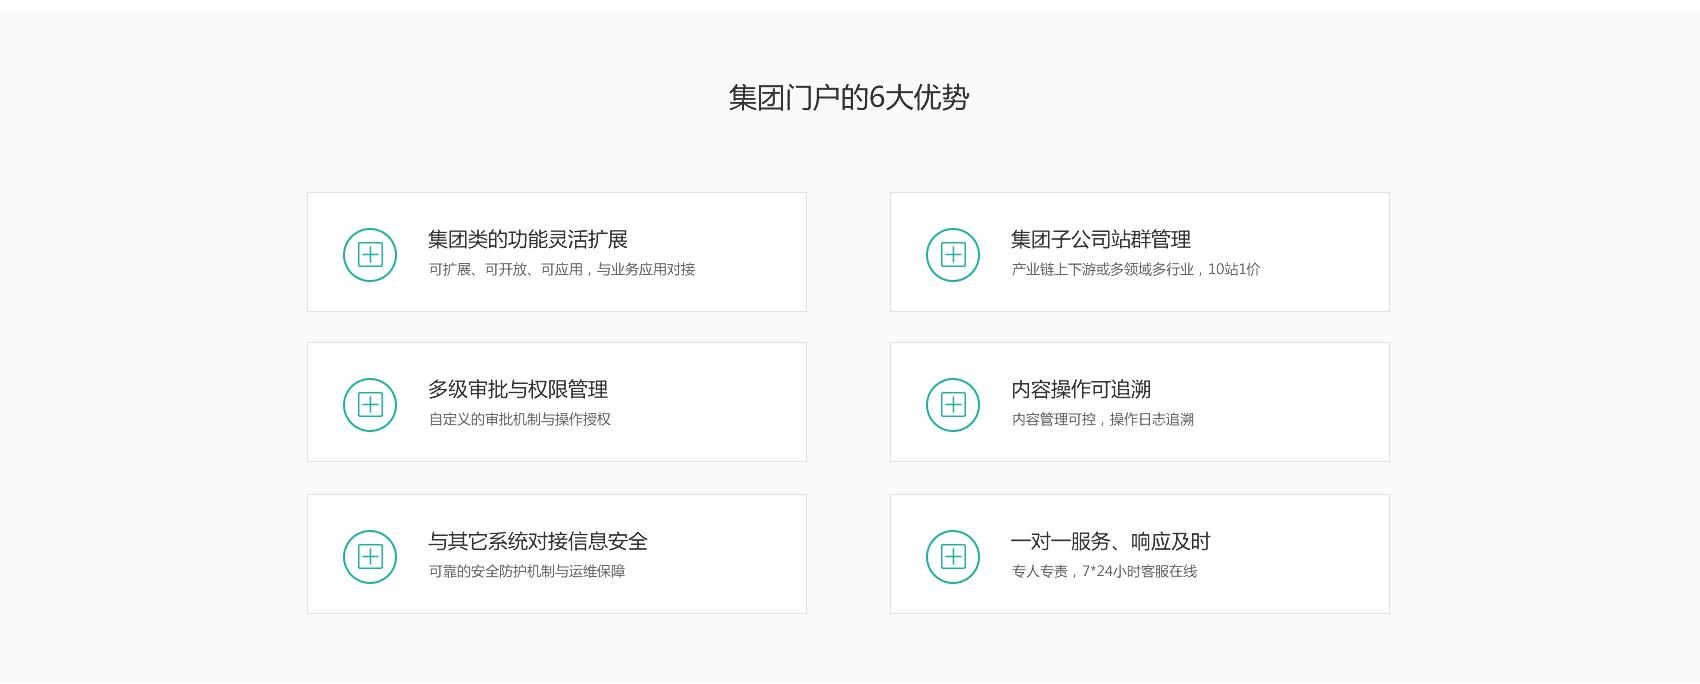 集团上市公司官网及站群_r2_c1.jpg